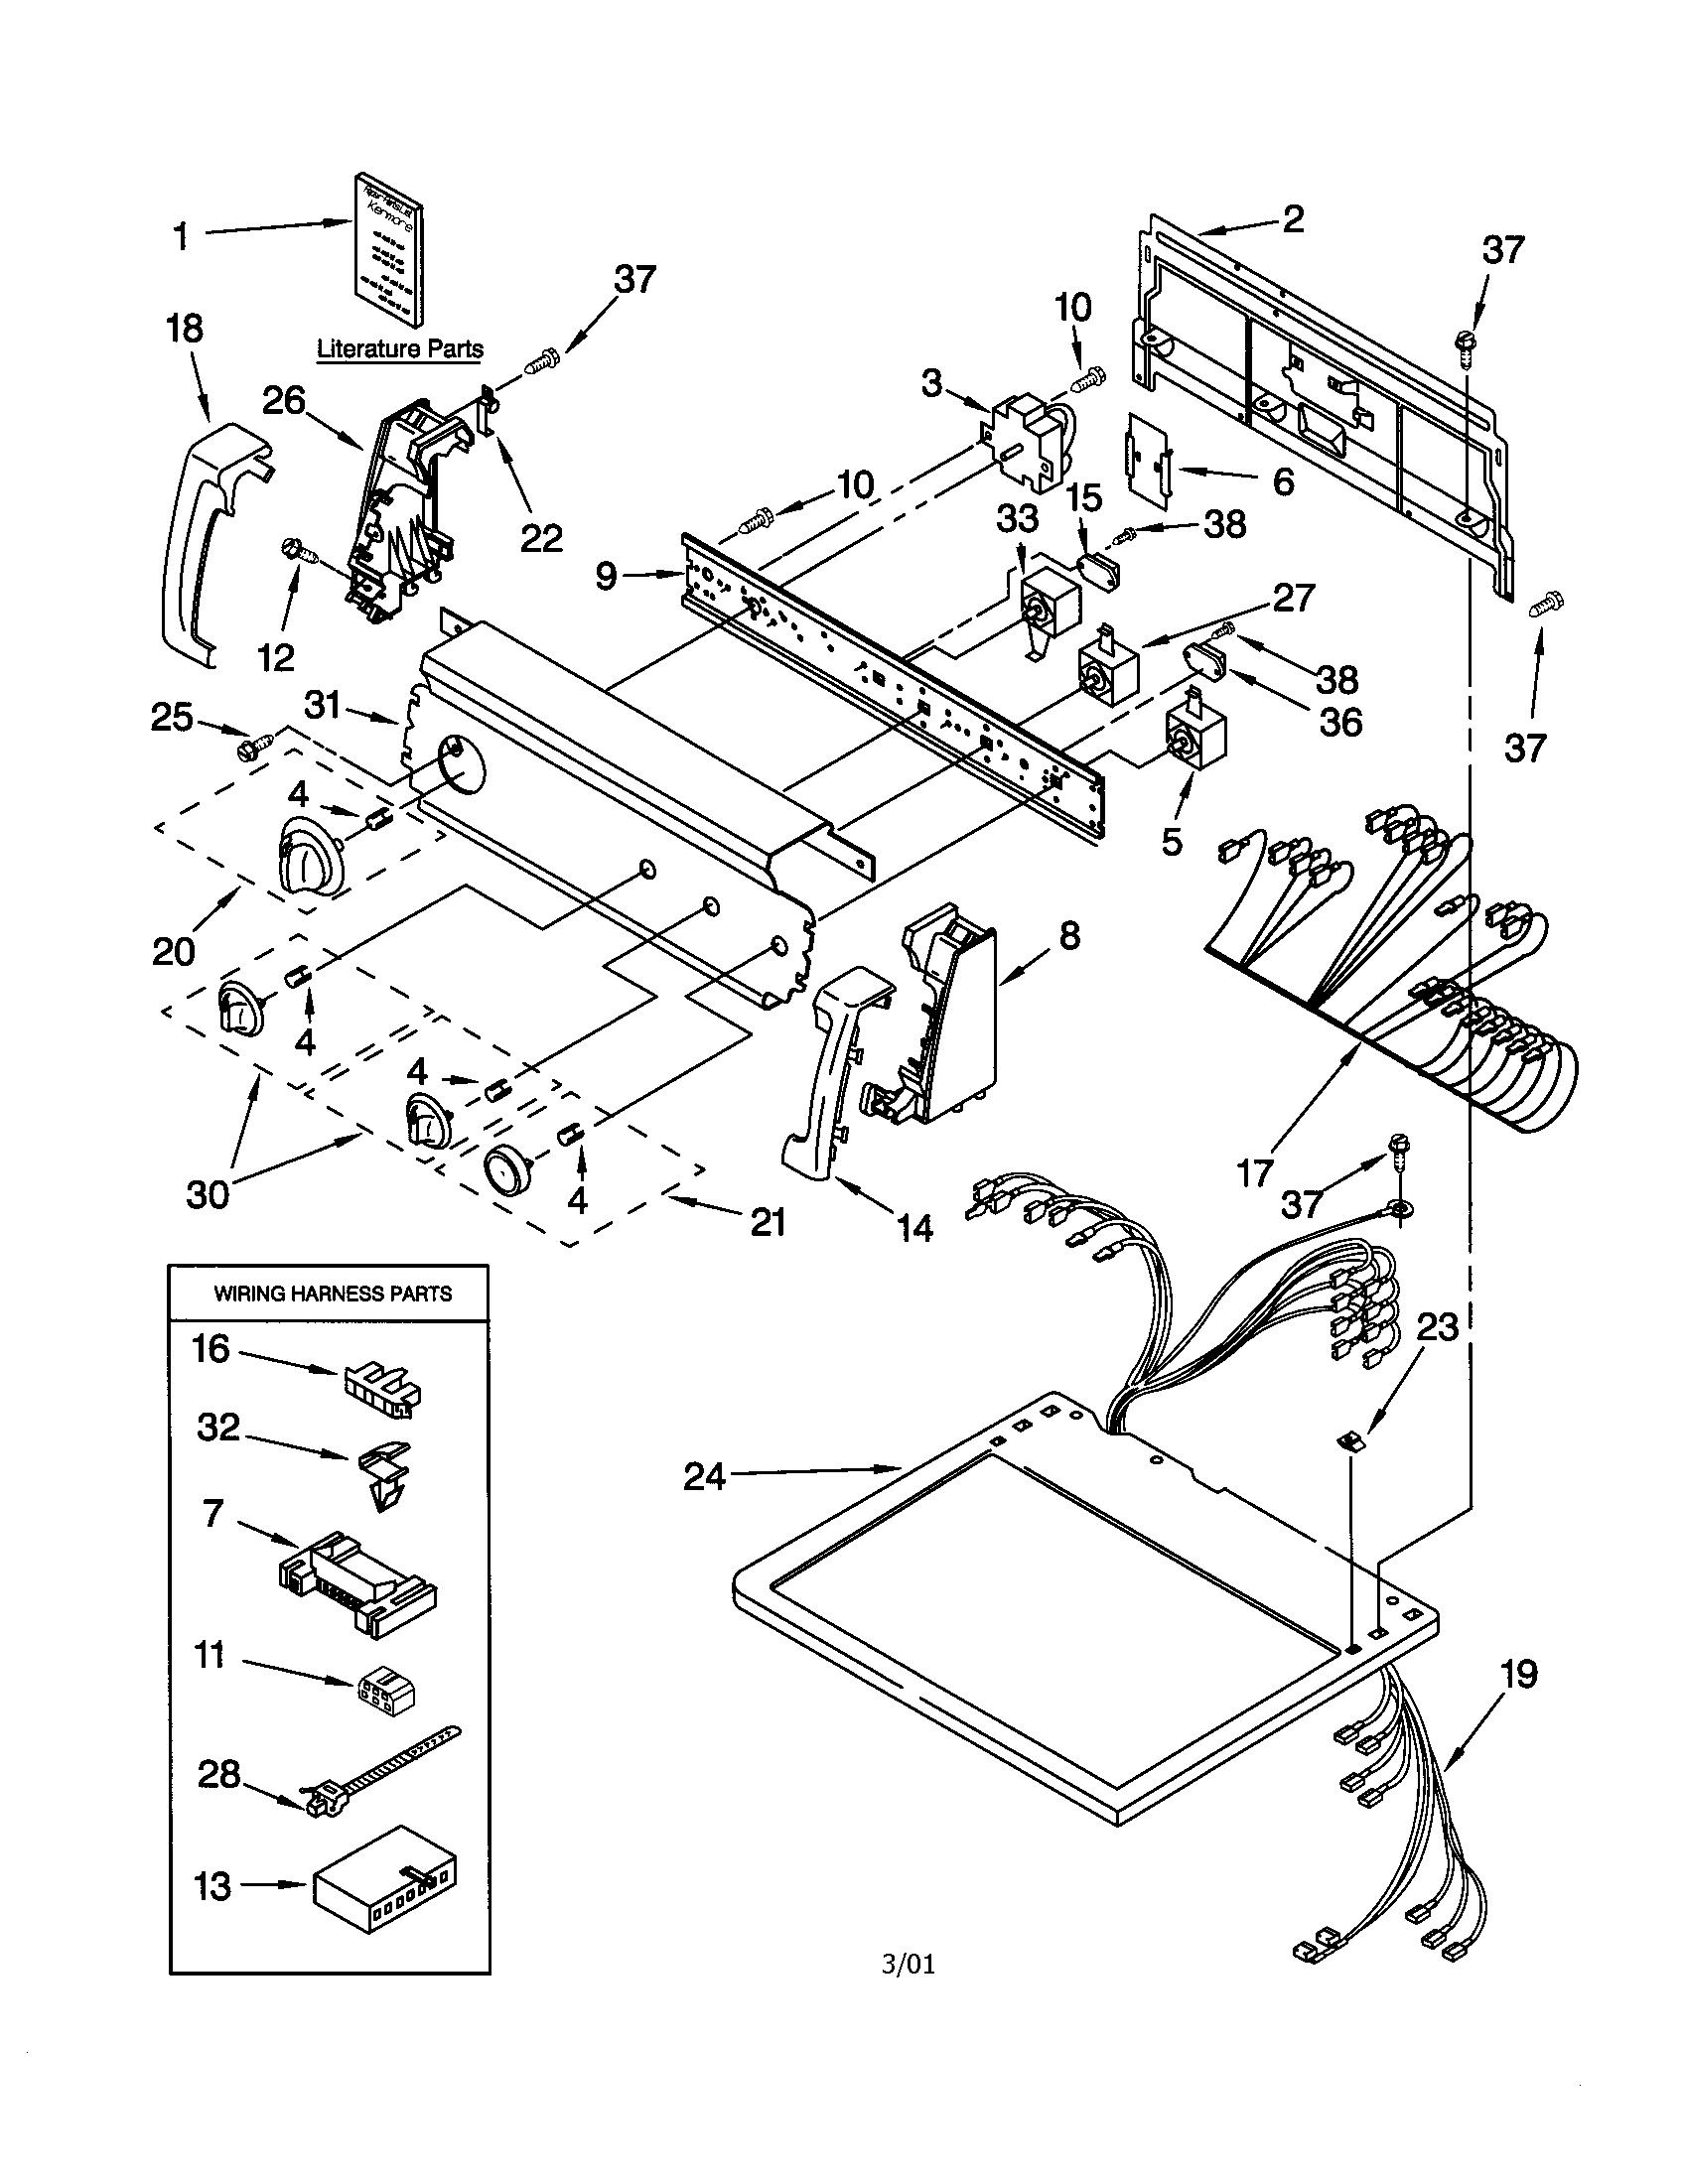 kenmore he2 plus washer parts diagram 2 speed motor wiring elite he3 imageresizertool com